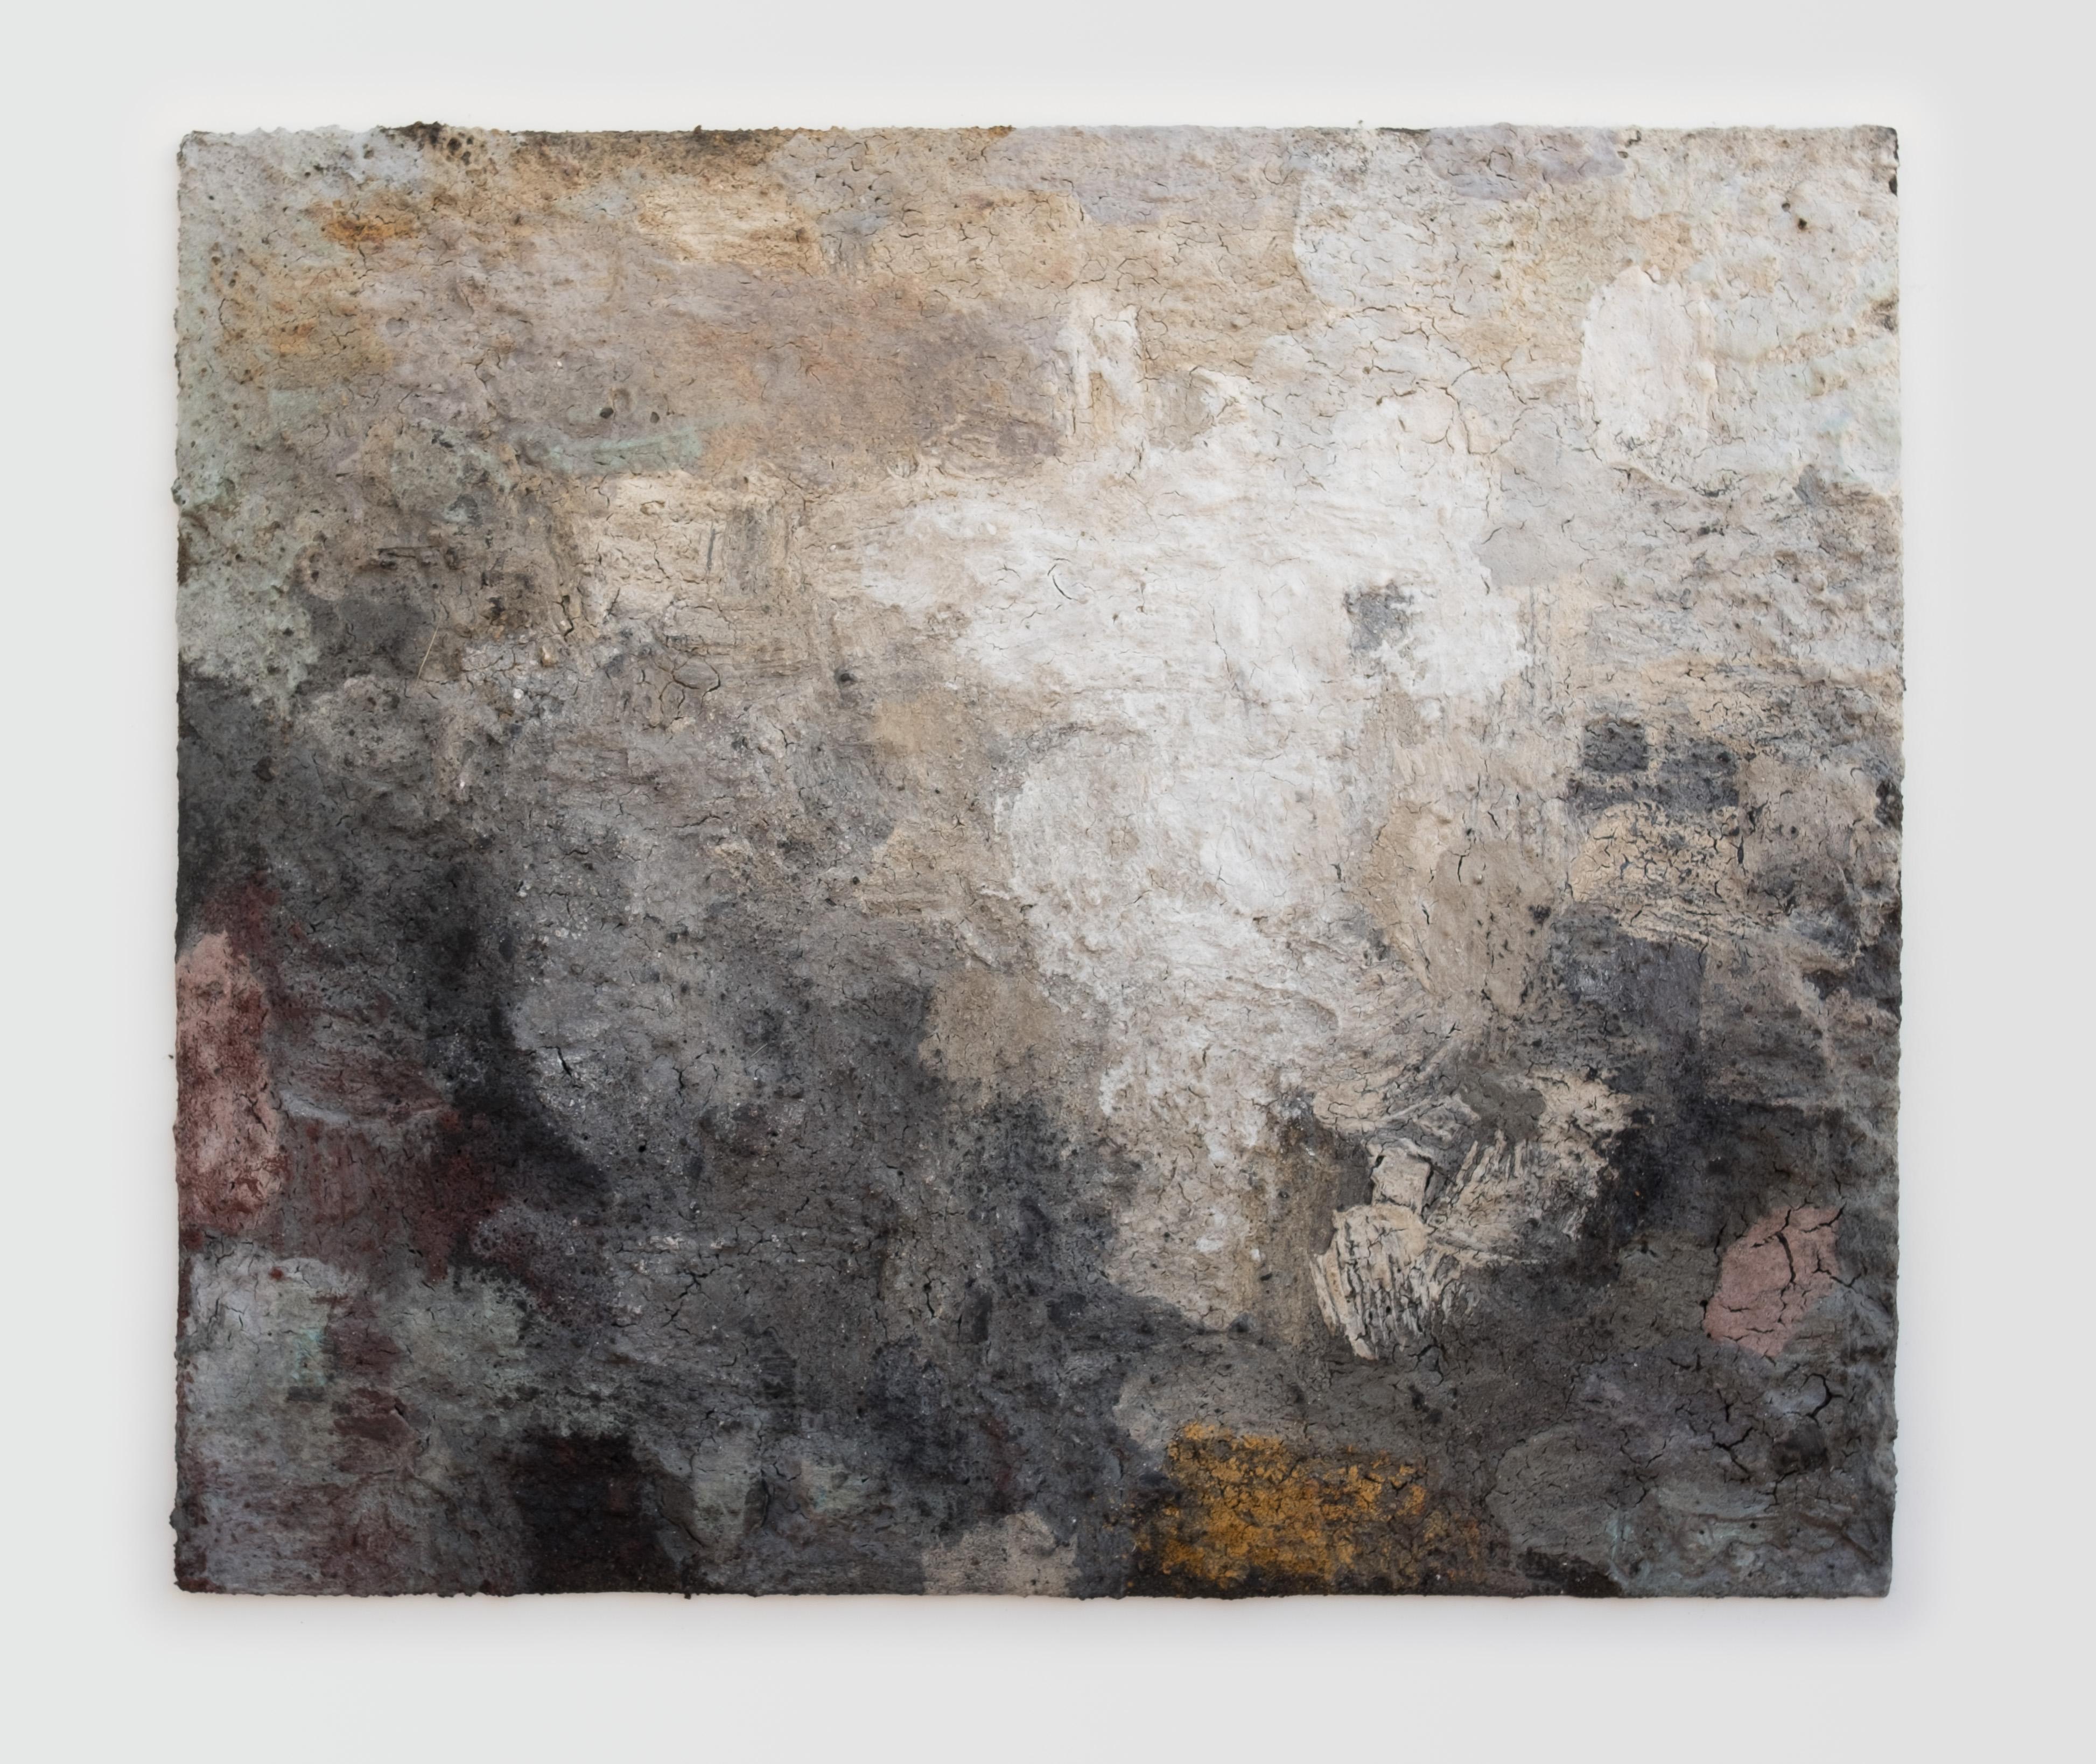 terra bruciata #62  2017  11.5x13.5